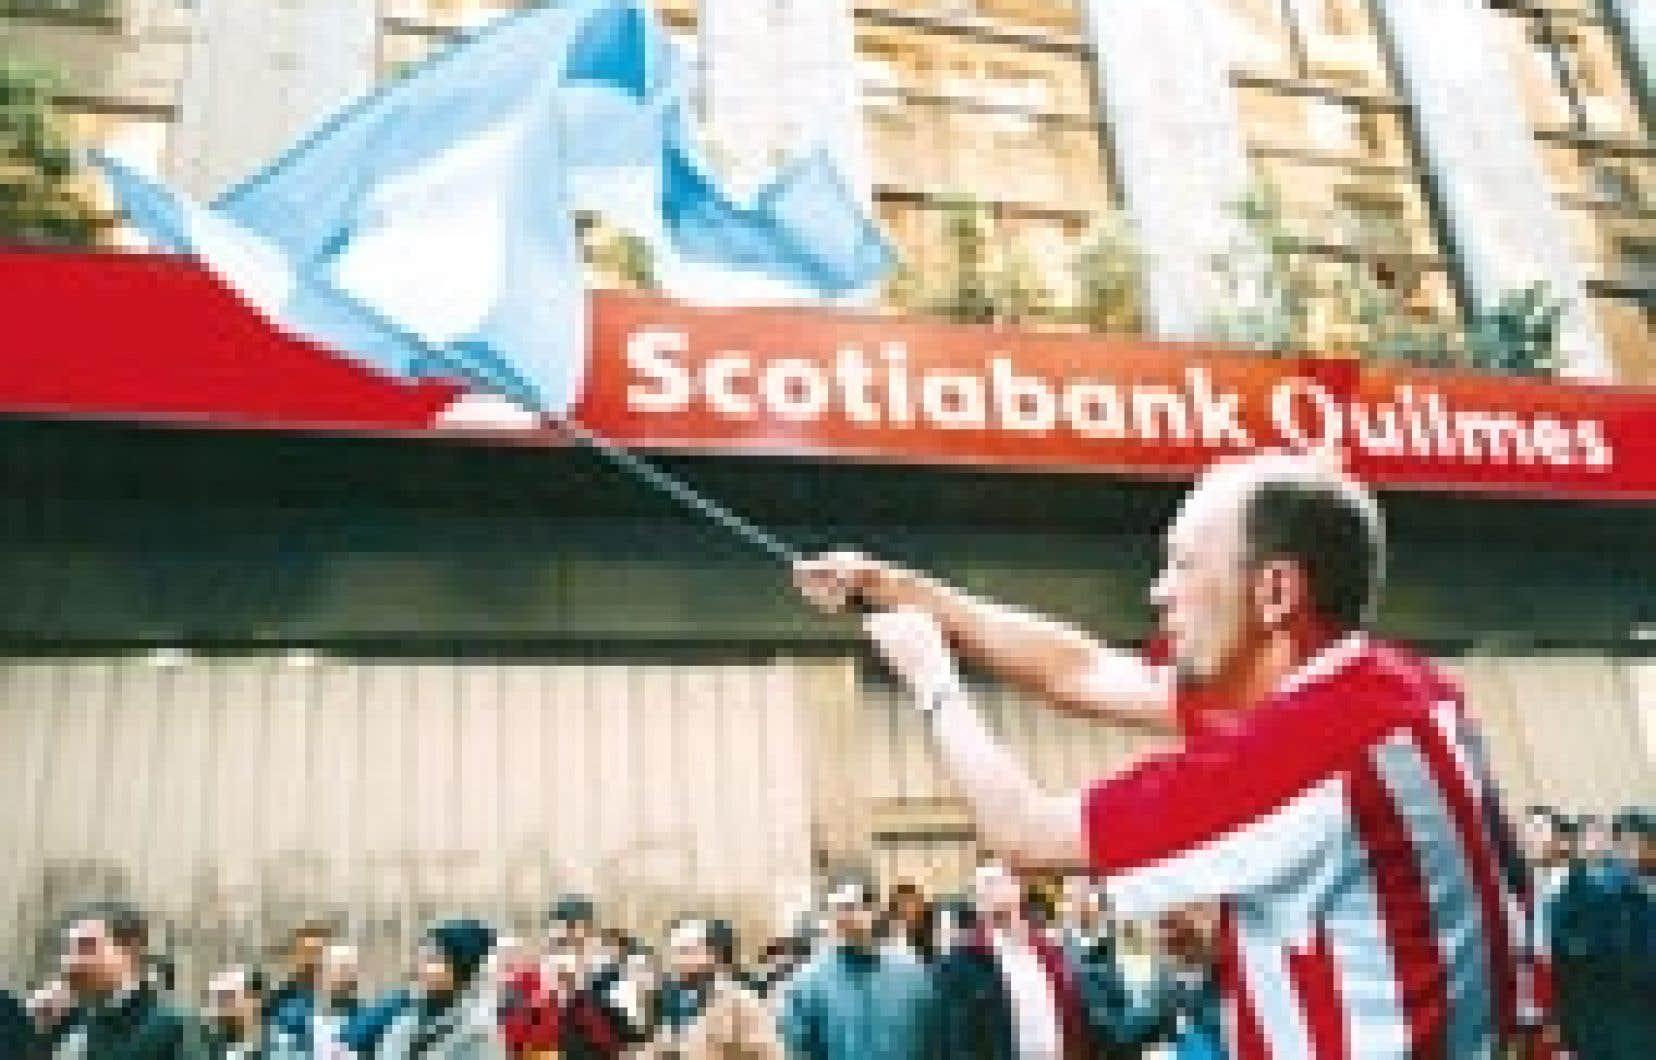 Des employés de la Scotiabank Quilmes protestent contre la révocation du permis de l'entreprise, qui leur fait craindre de perdre leur emploi.